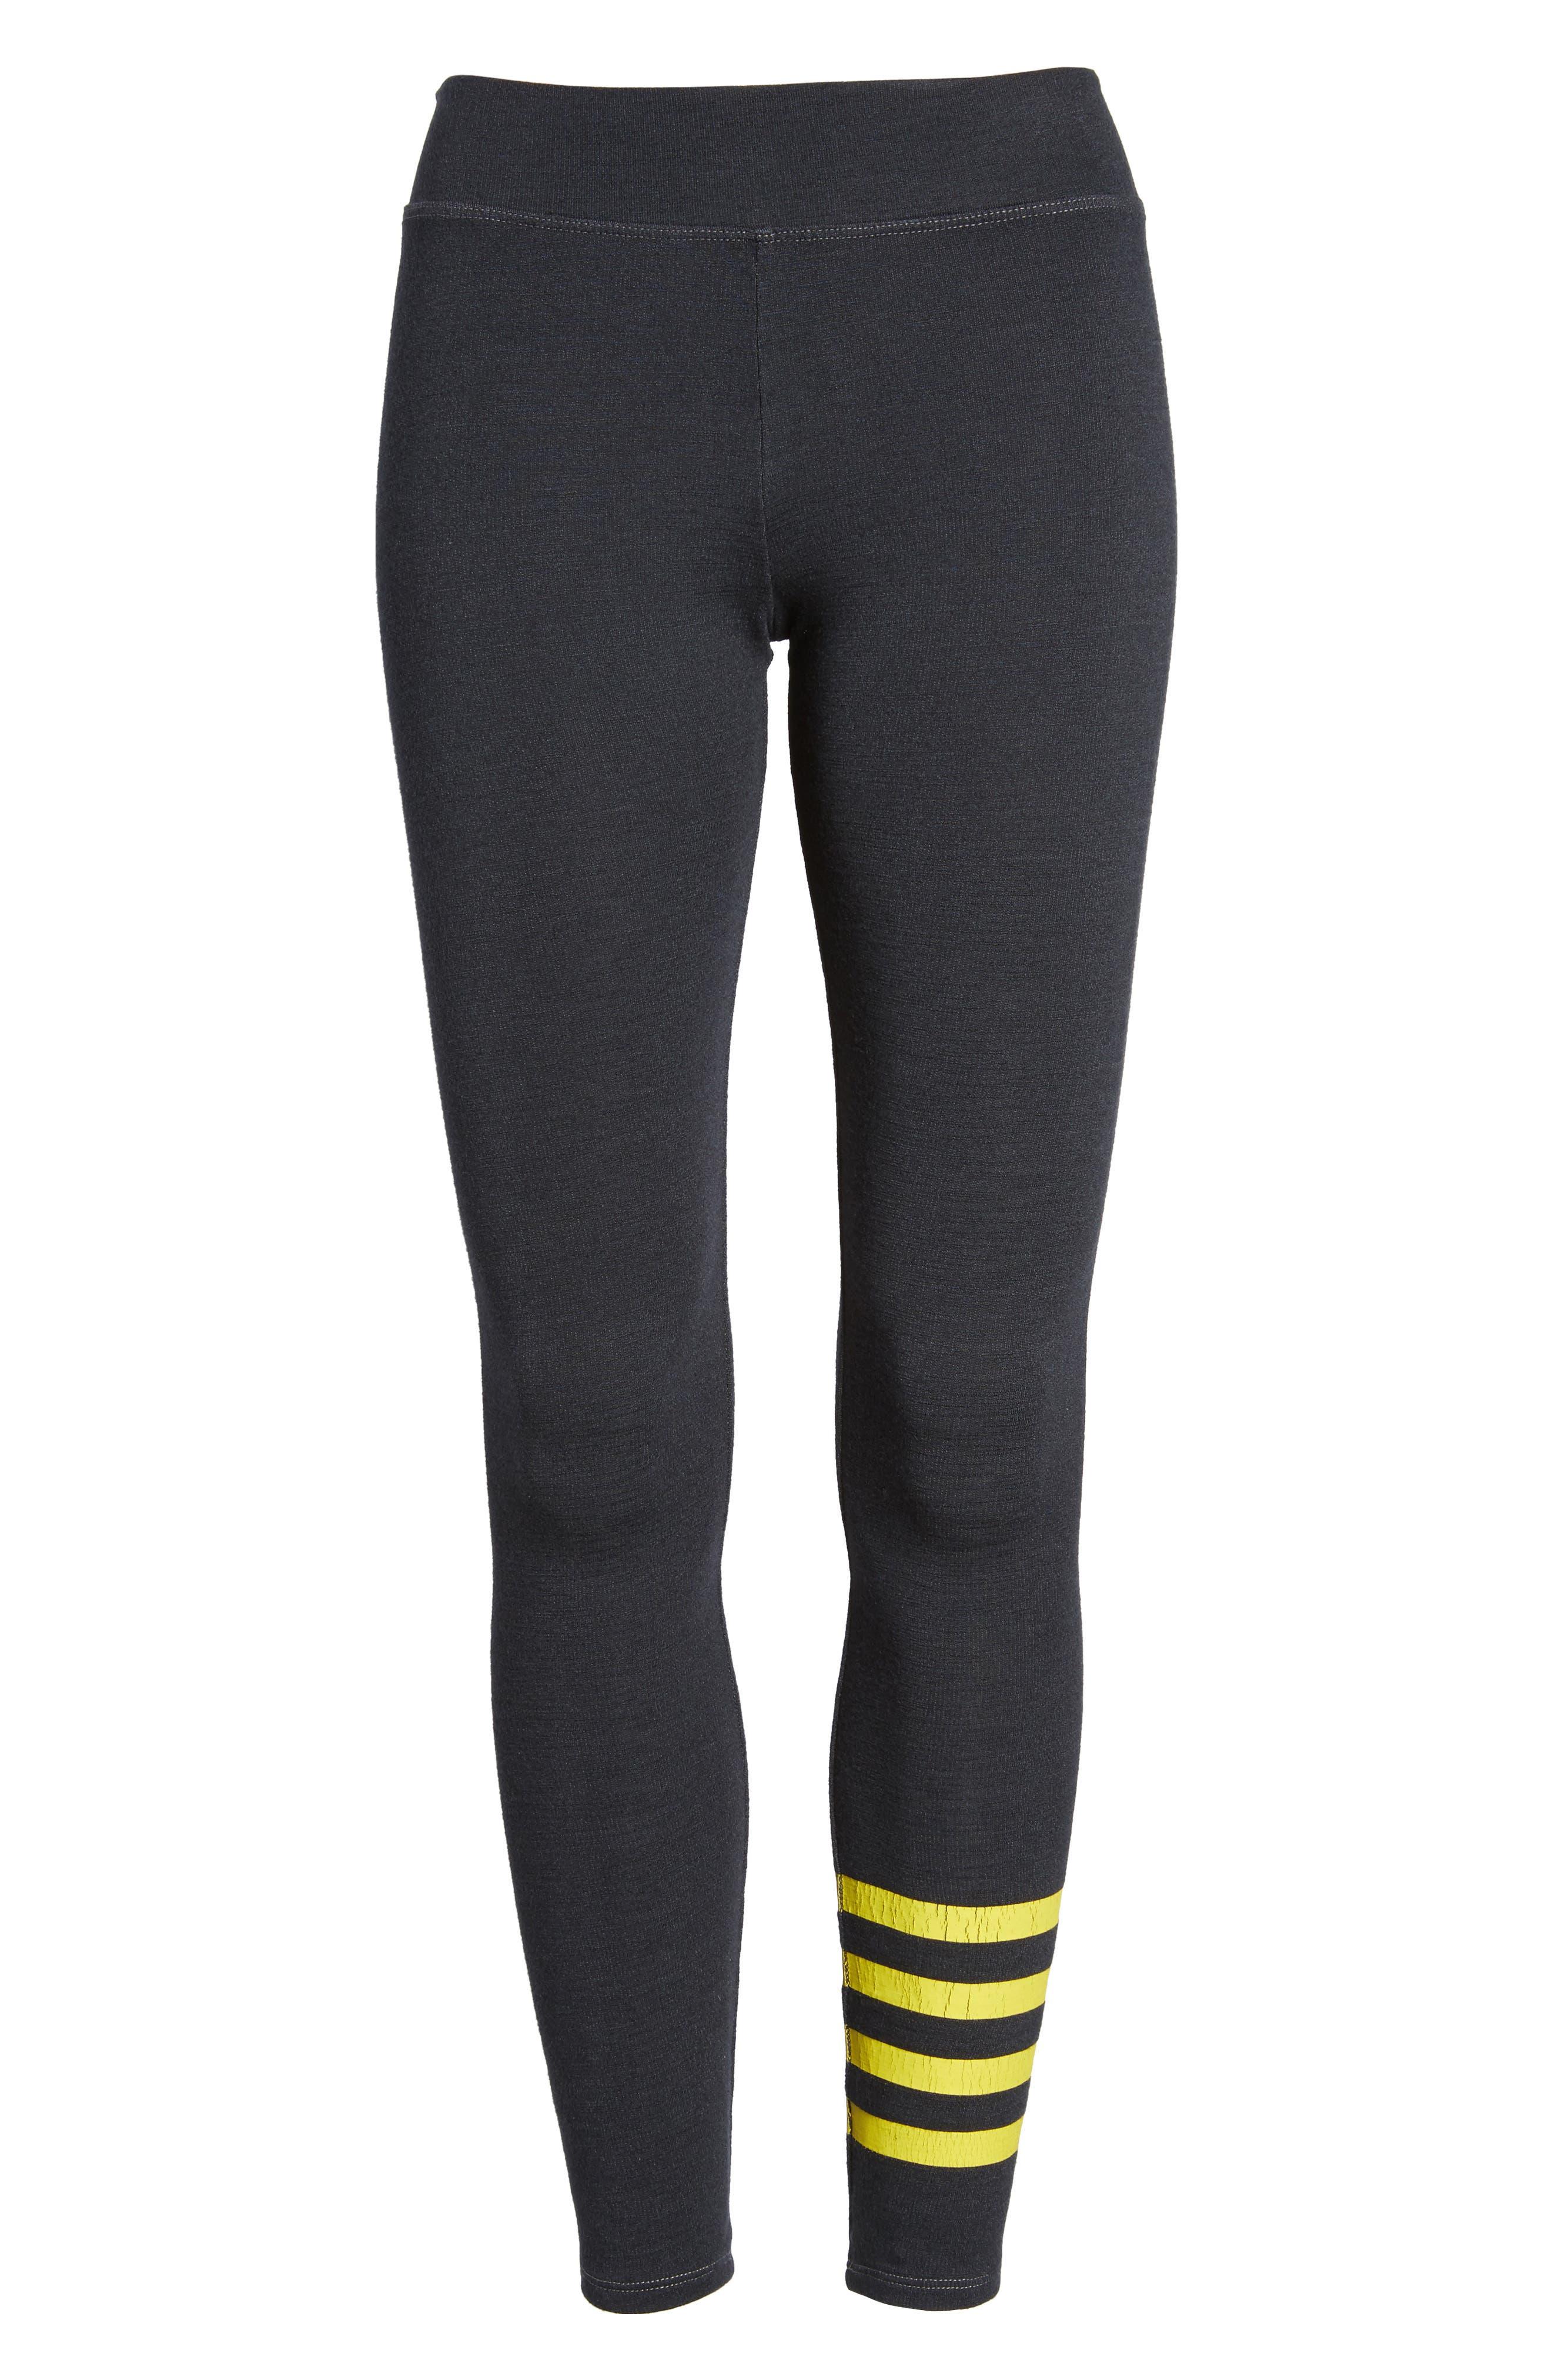 Stripe Yoga Pants,                             Alternate thumbnail 7, color,                             Old Black